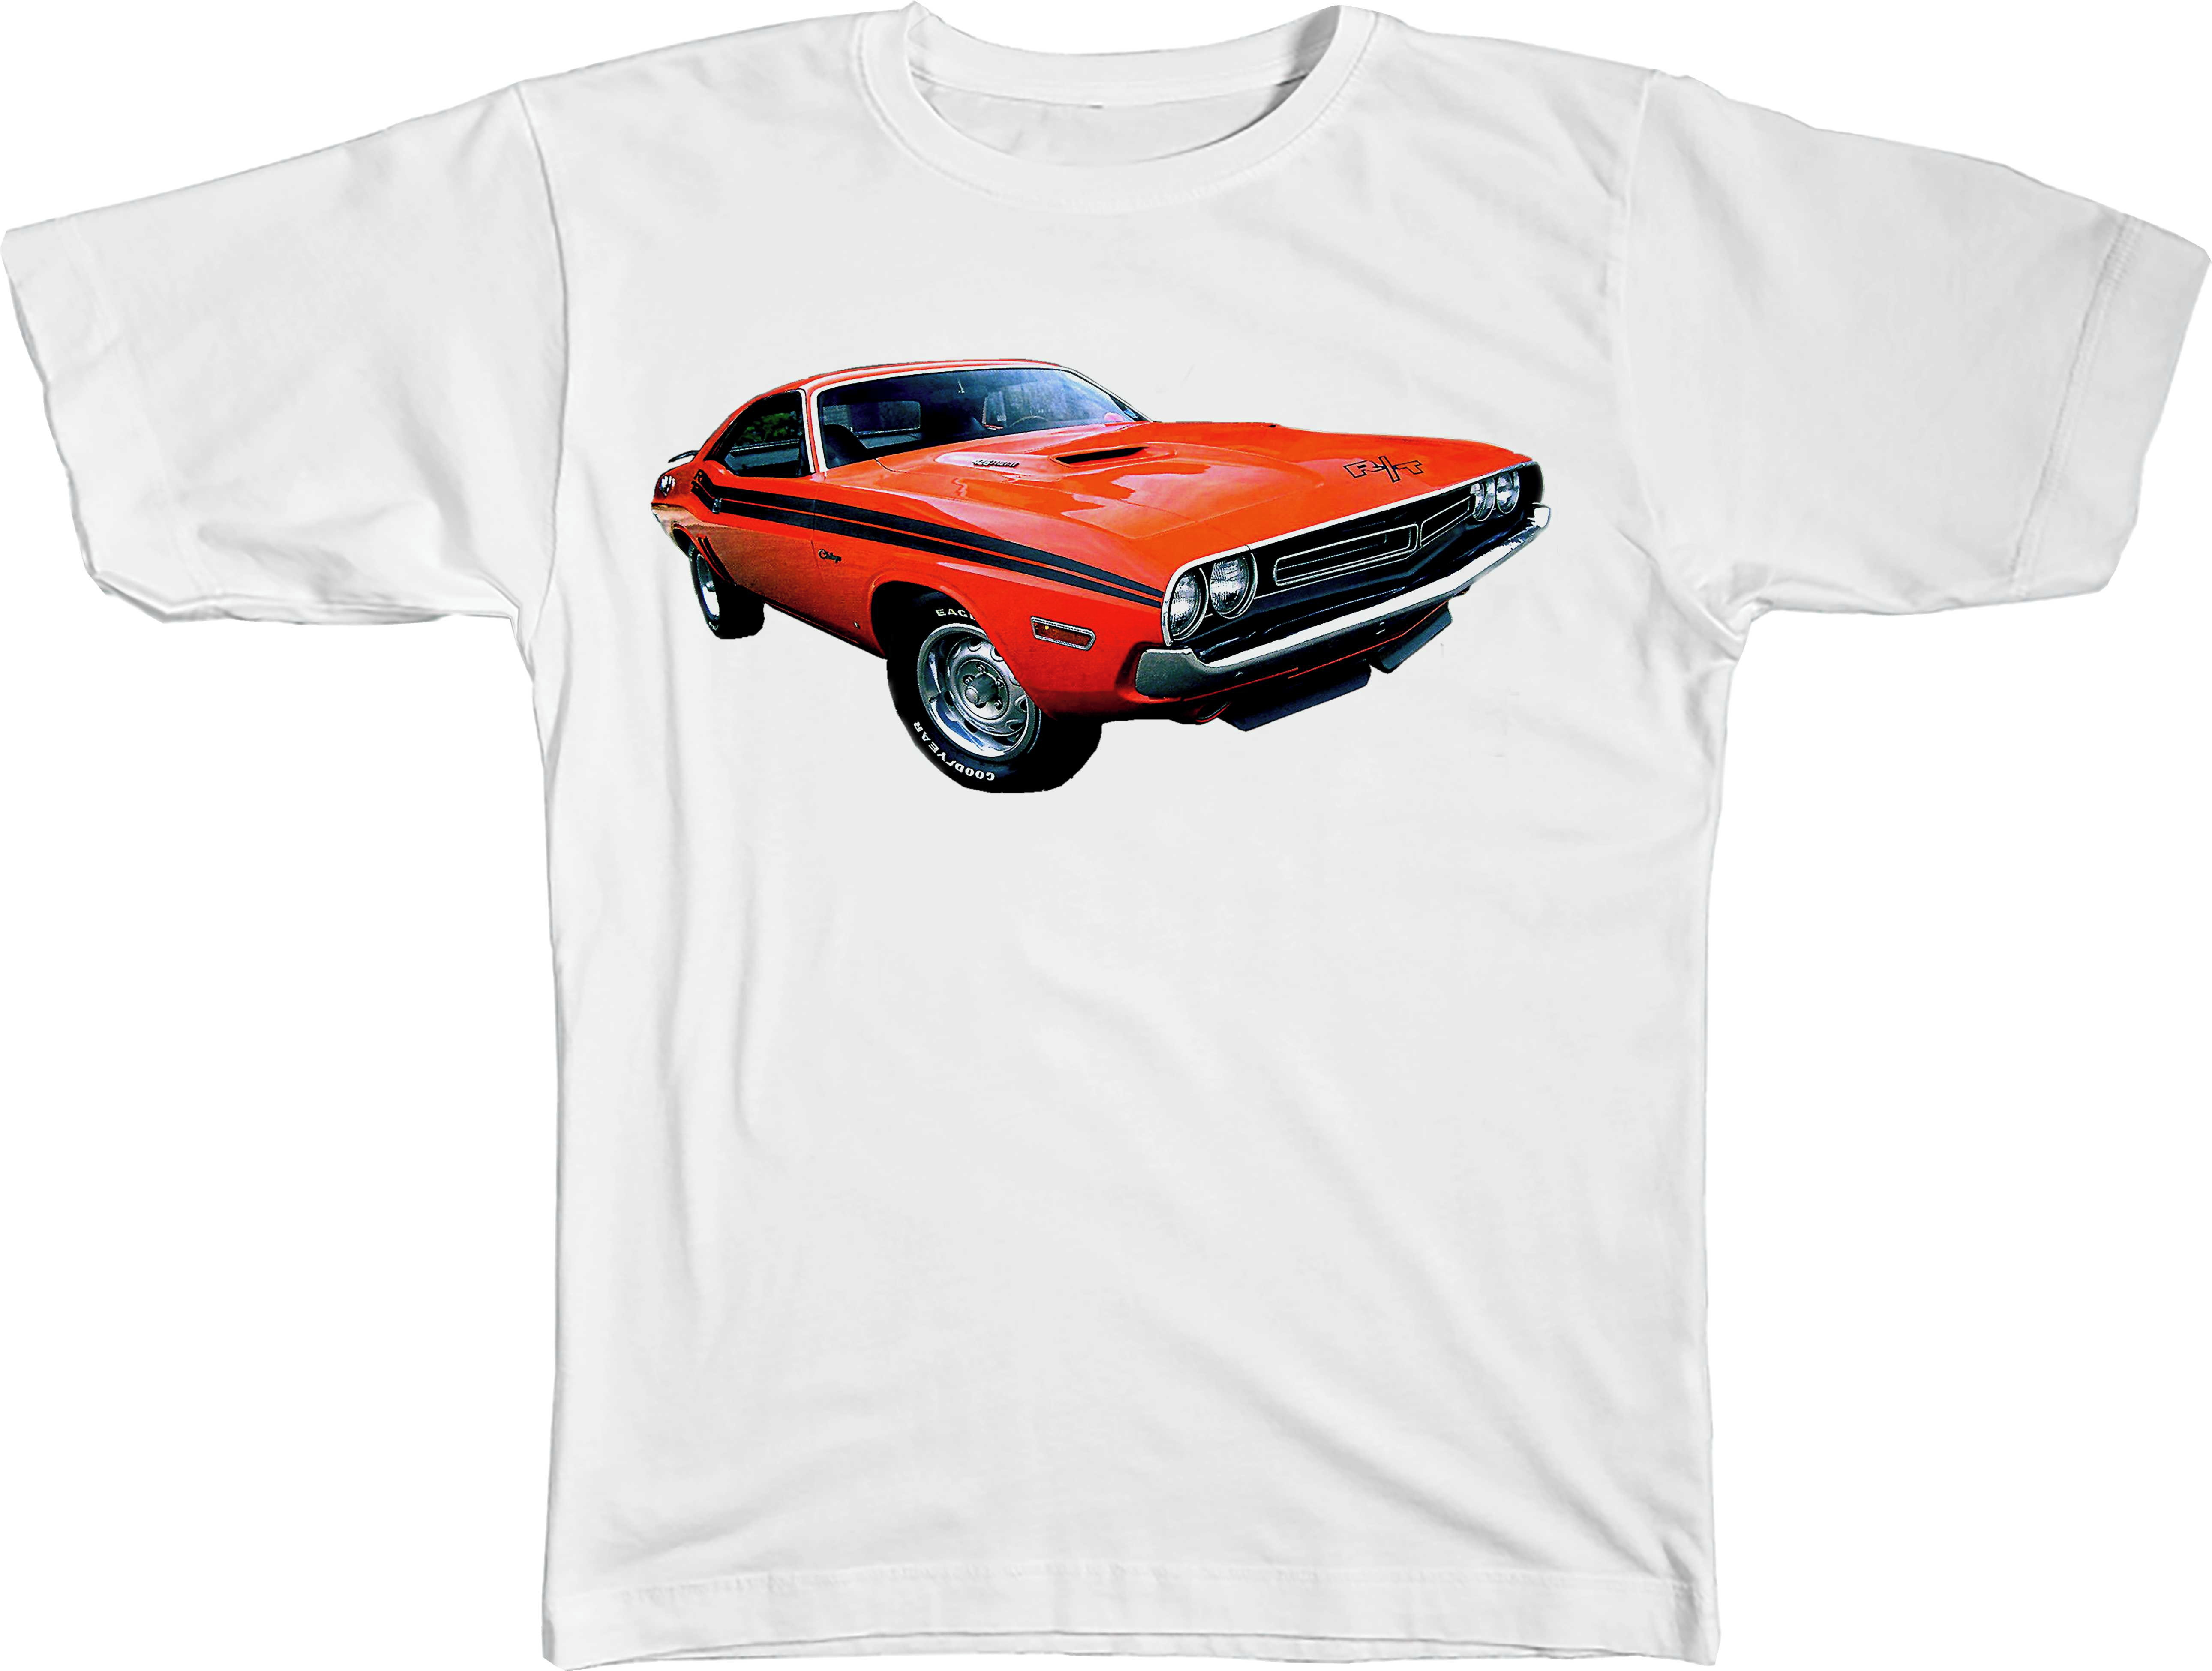 0f8dbe2e6 Camiseta Opala Carros Antigos Classicos